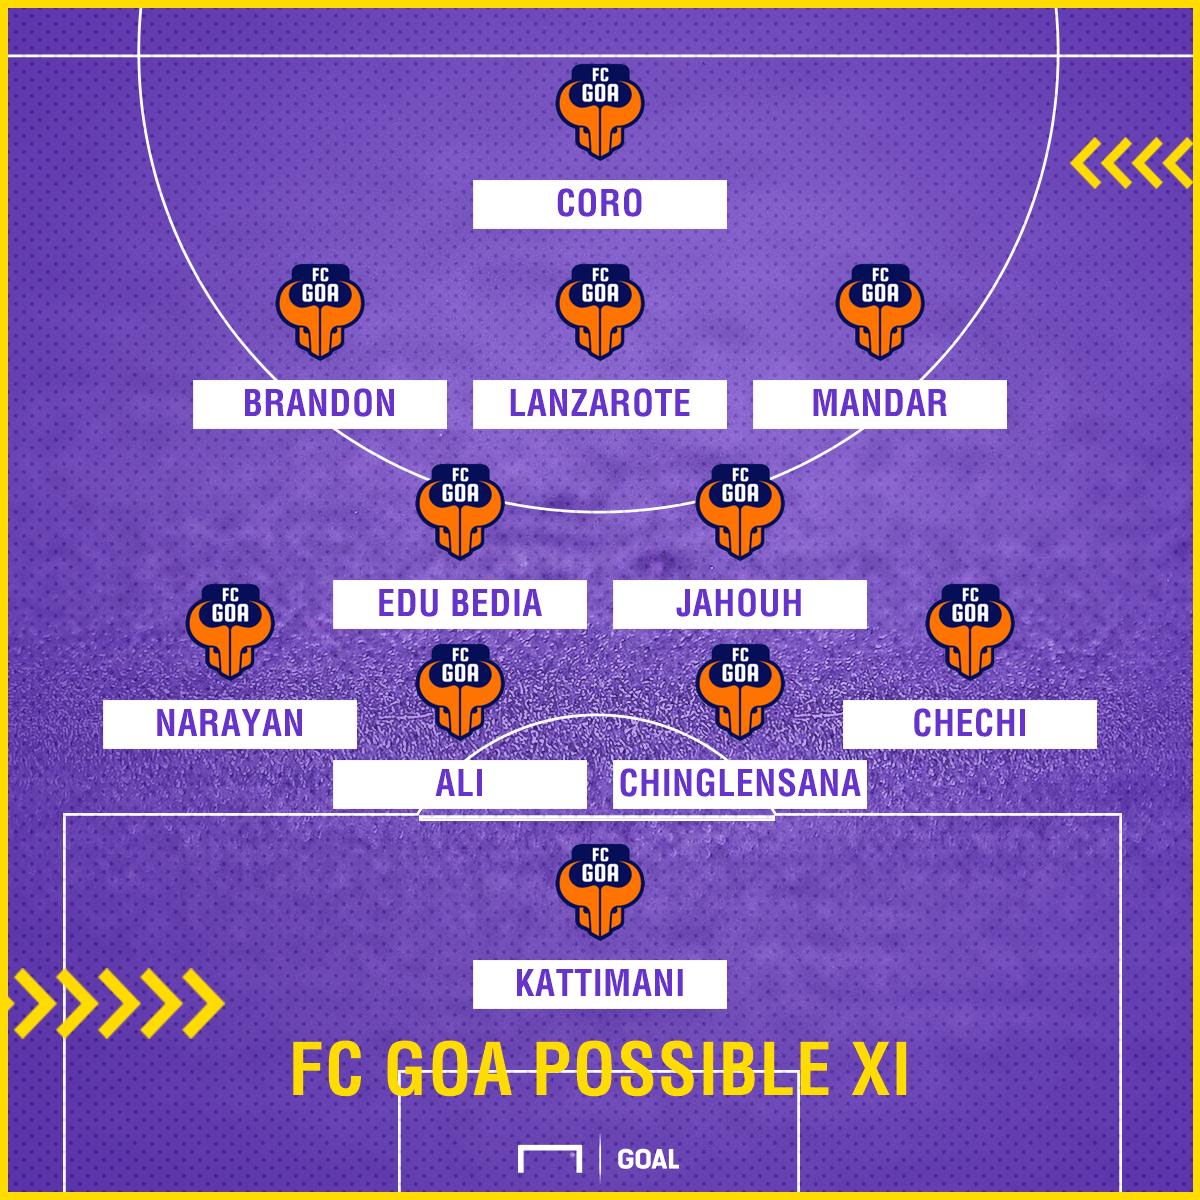 FC Goa possible XI v NorthEast United